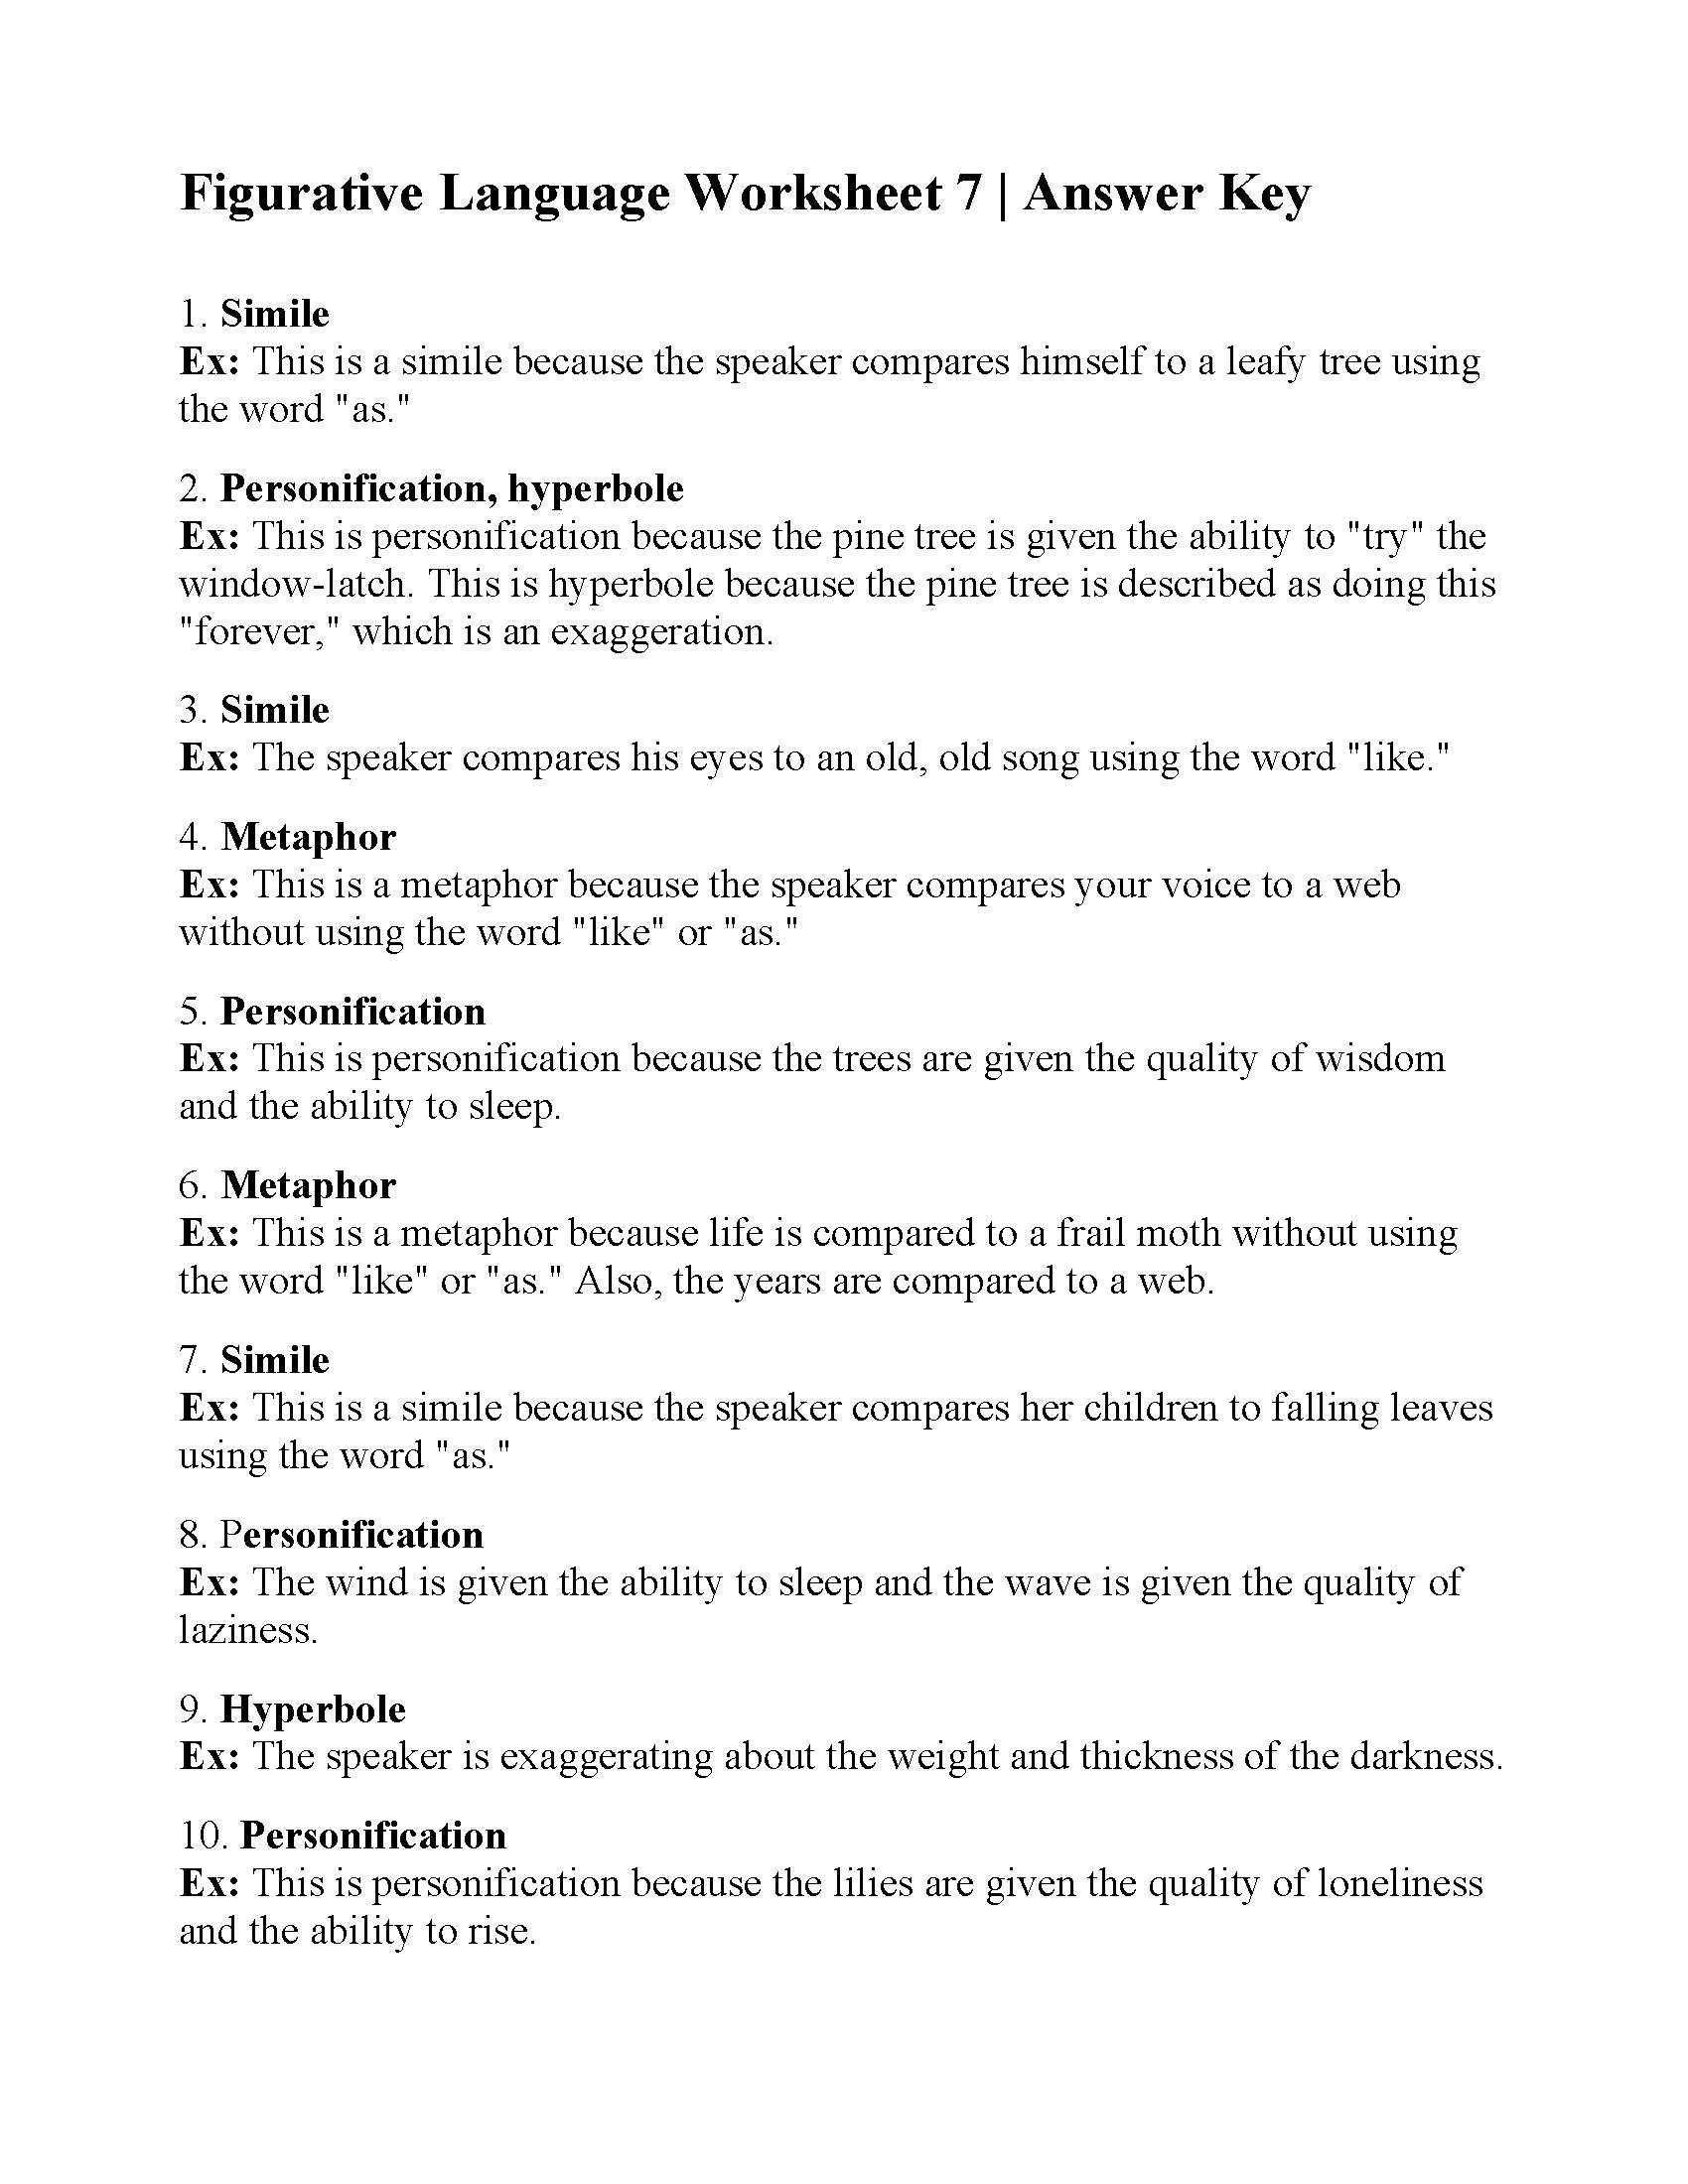 Figurative Language Worksheet 7 Answers